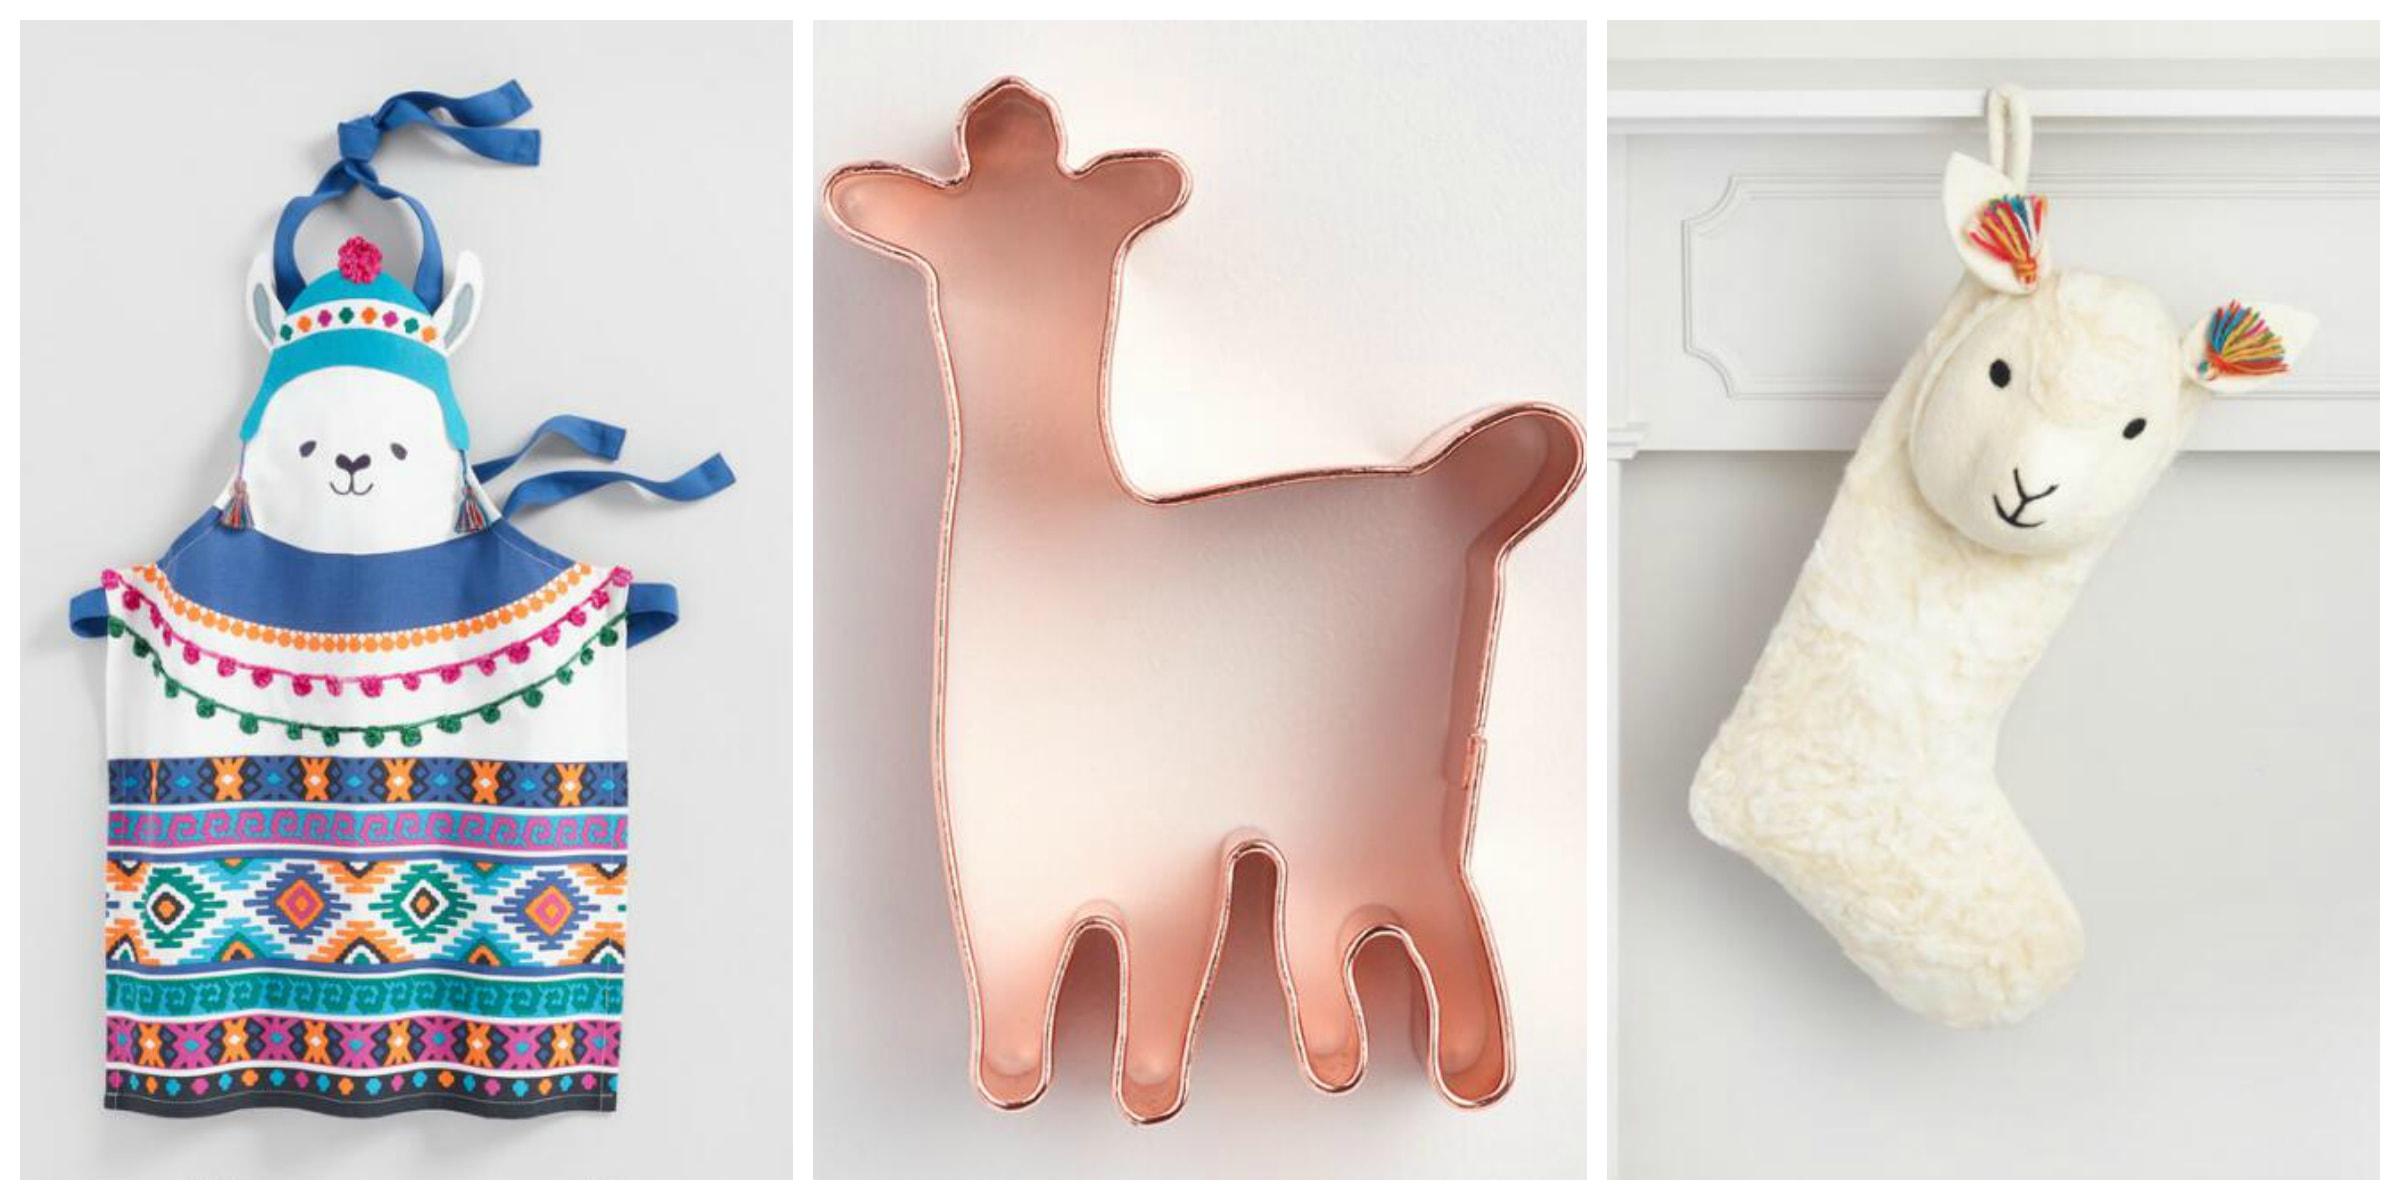 Holiday Entertaining Llama Style - www.refashionablylate.com